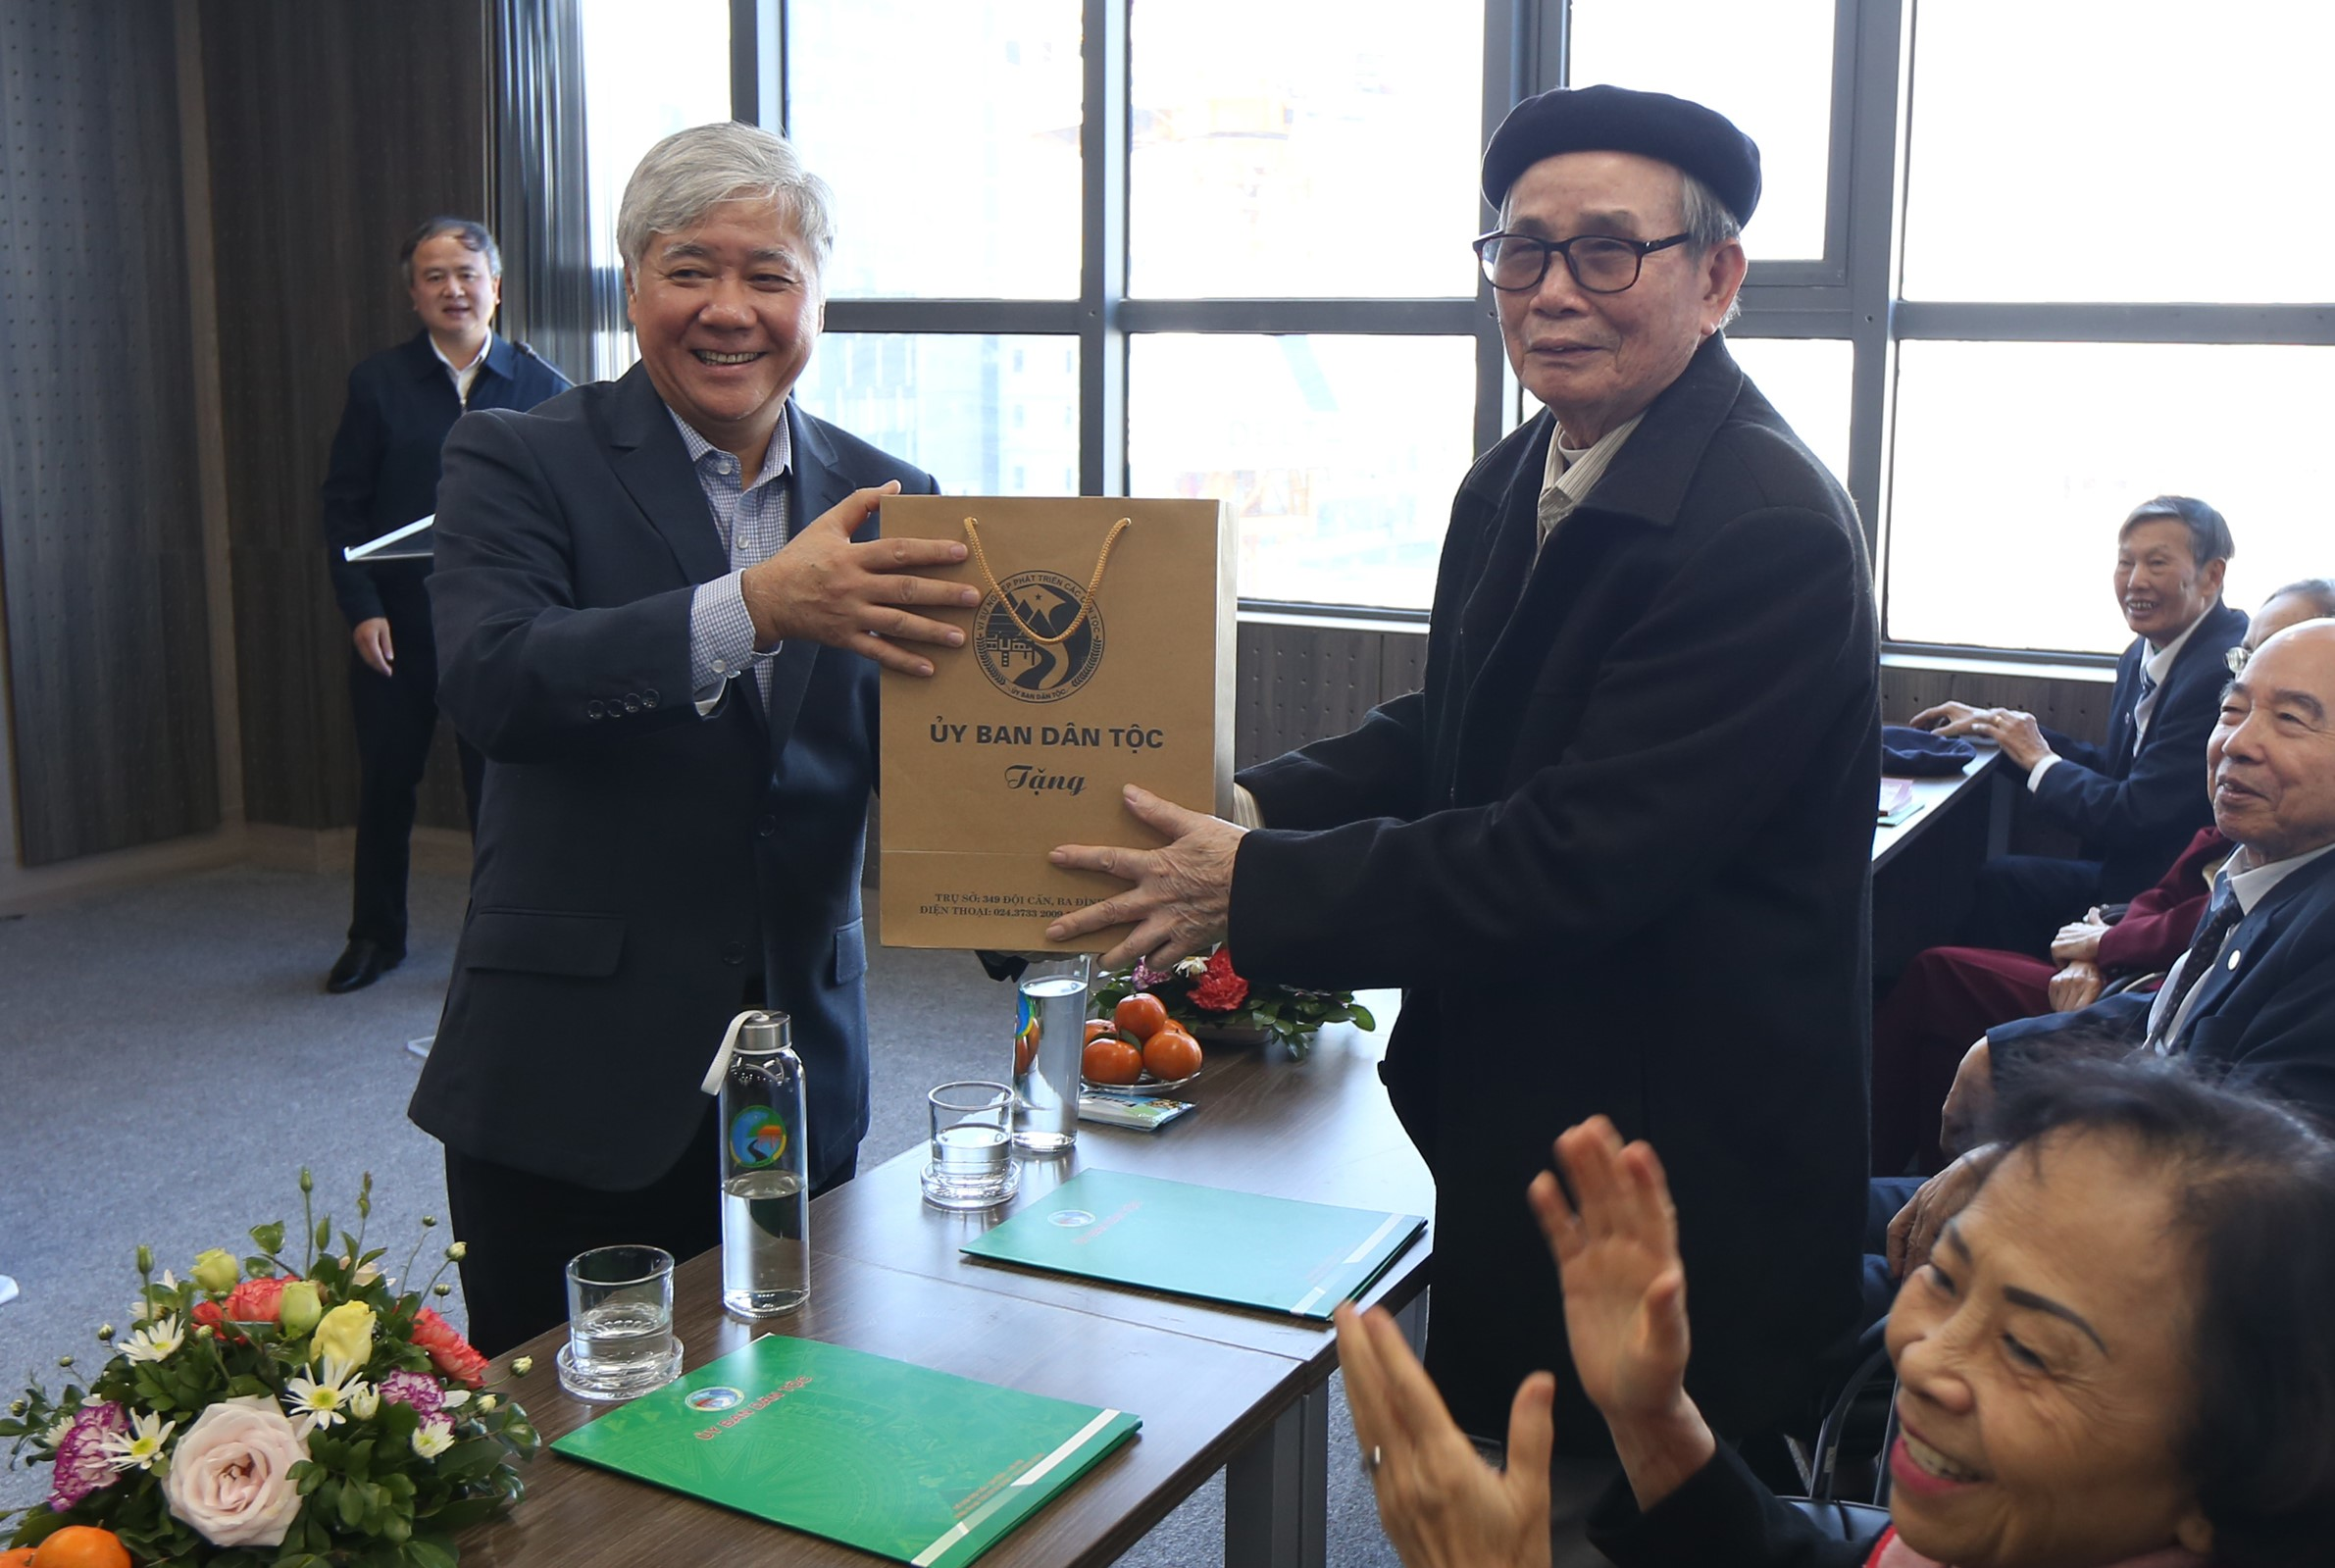 Bộ trưởng, Chủ nhiệm Đỗ Văn Chiến tặng quà lưu niệm cho thầy giáo Nguyễn Trọng Bí – Nguyên Hiệu trưởng Trường Cán bộ Dân tộc miền Nam